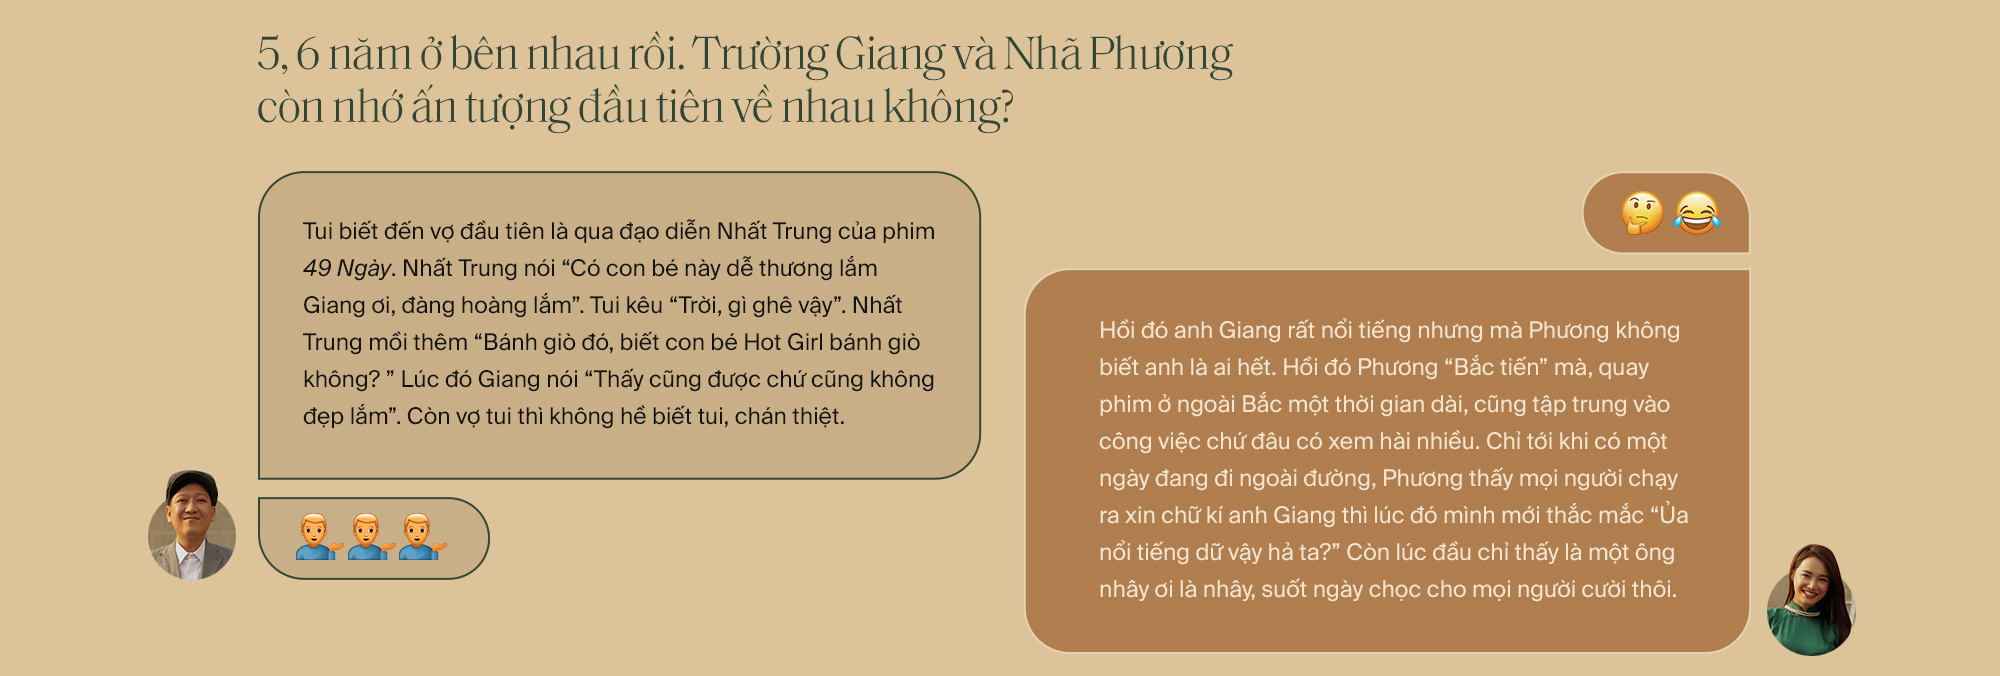 """Lần đầu tiên kể từ khi yêu nhau, Trường Giang - Nhã Phương cùng trả lời phỏng vấn: """"Vợ tui sướng nhất quận Phú Nhuận luôn"""" - Ảnh 3."""